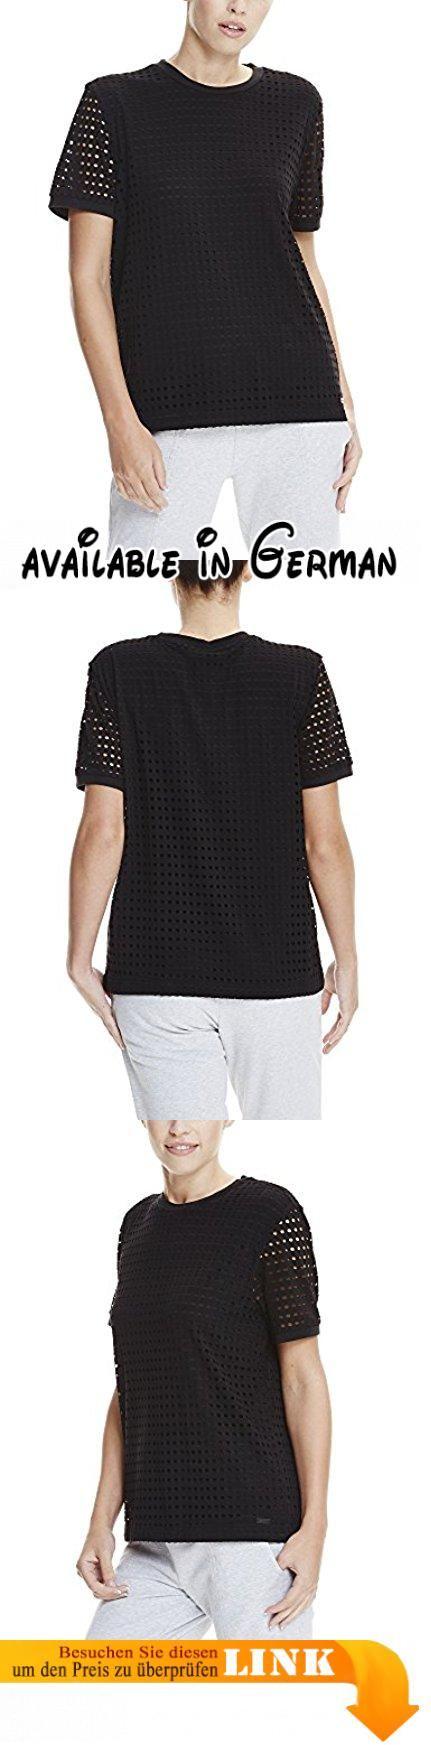 Bench Damen T-Shirt Double Layer Mesh Tee Schwarz (Black Beauty BK11179), 40 (Herstellergröße: L). Schönes Bench T-Shirt. Details: Meliertes Bench T-Shirt mit Rundhalsauschnitt und abgerundeten Saumkanten. #Apparel #SHIRT